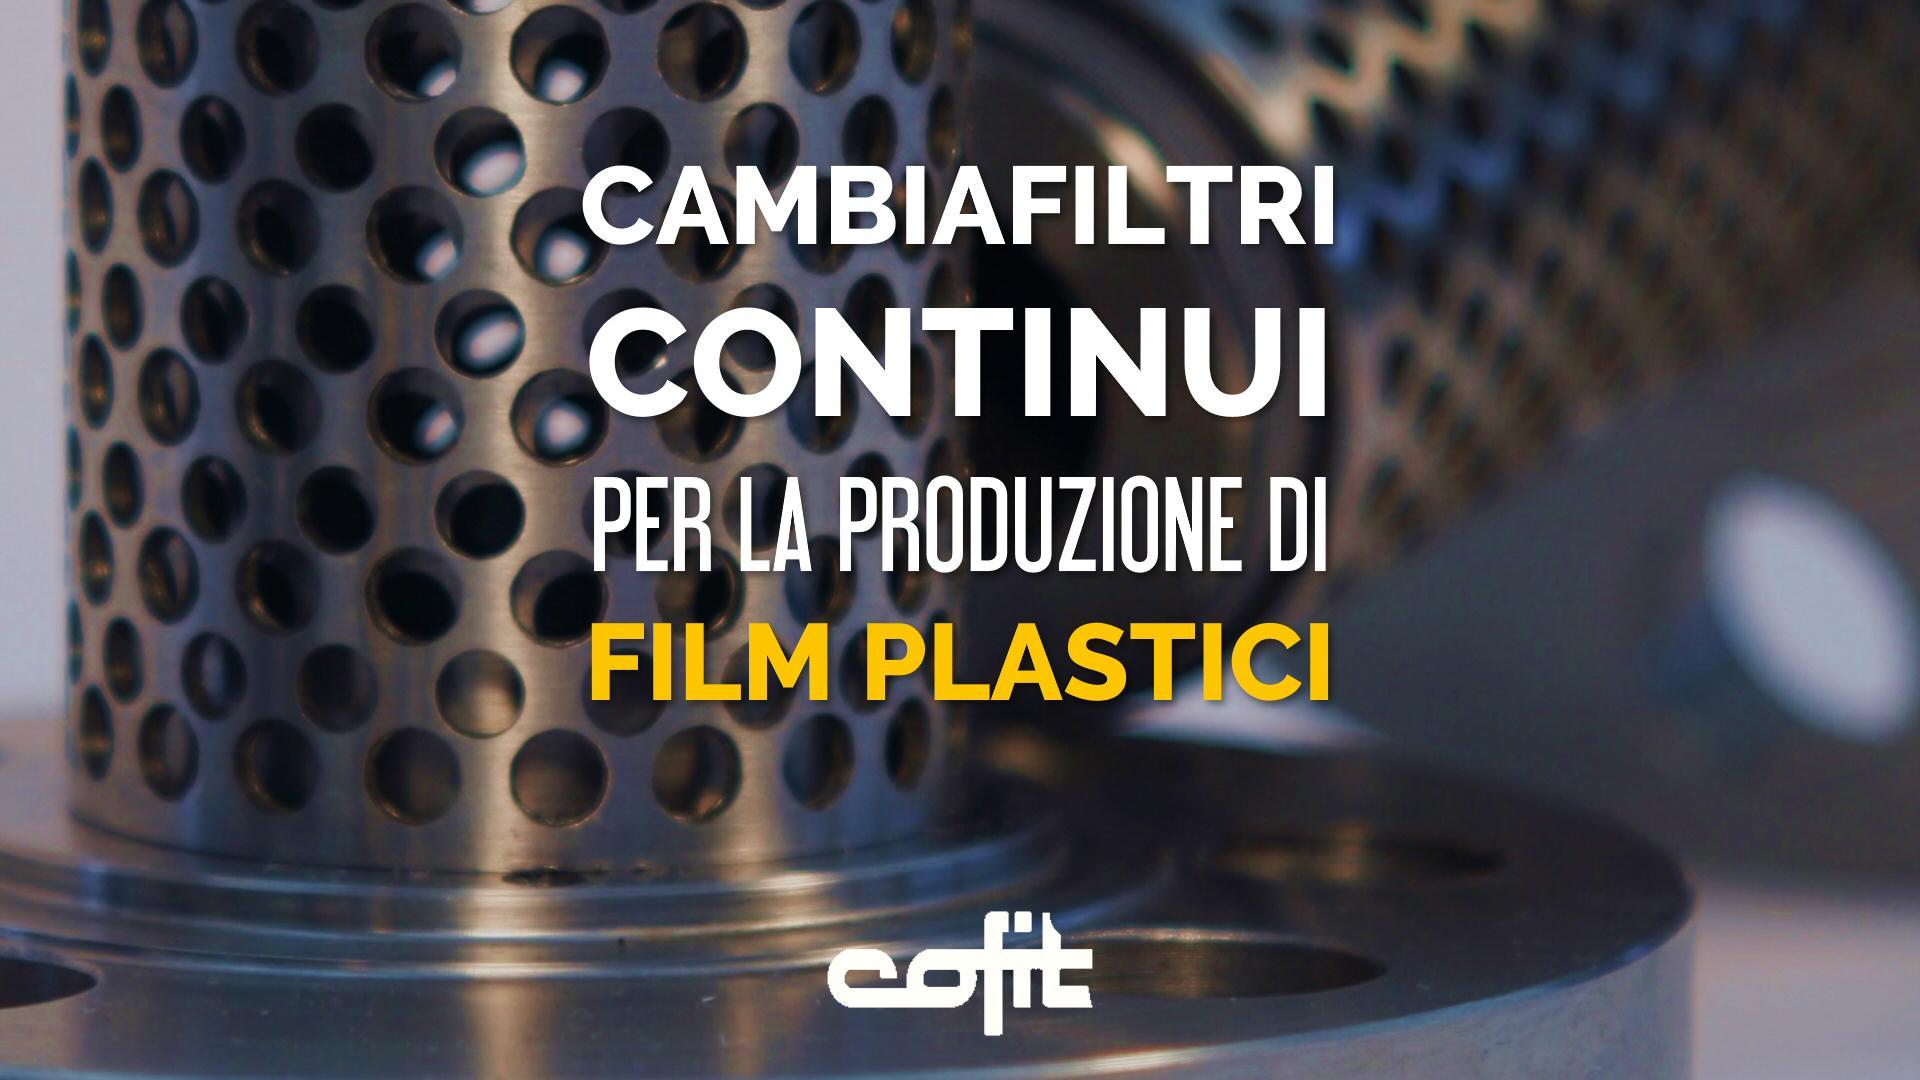 Cambiafiltro continuo per produzione film plastici